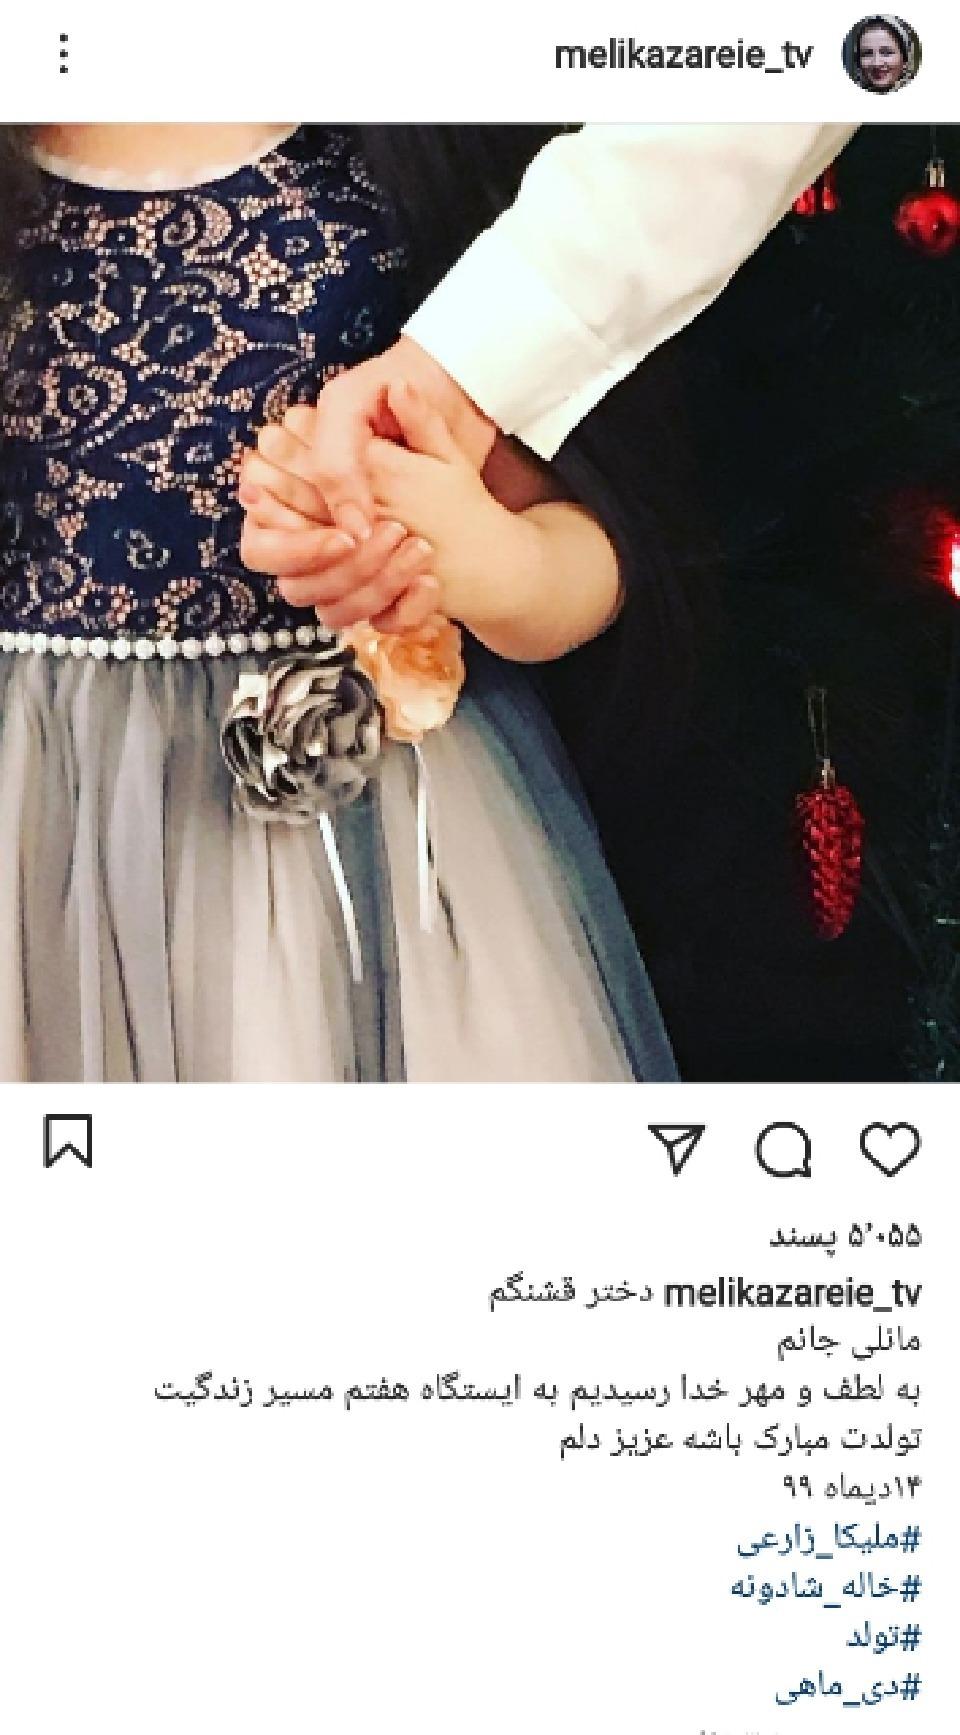 تبریک تولد ملیکا زارعی به دخترش